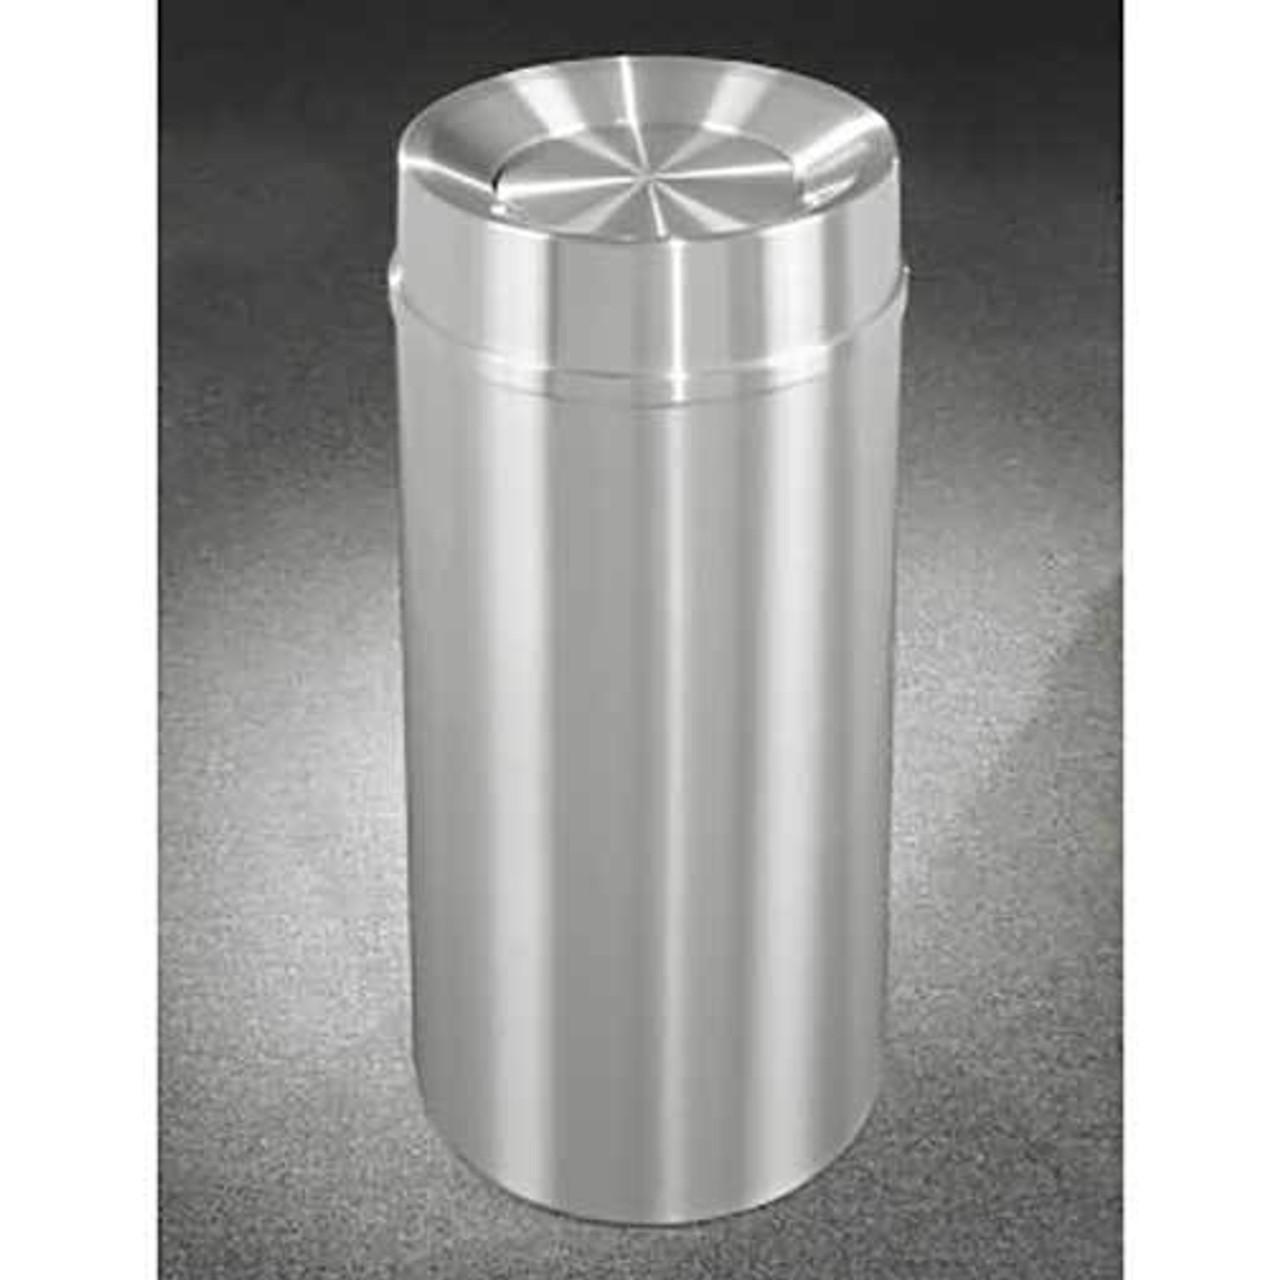 Glaro New Yorker Trash Cans